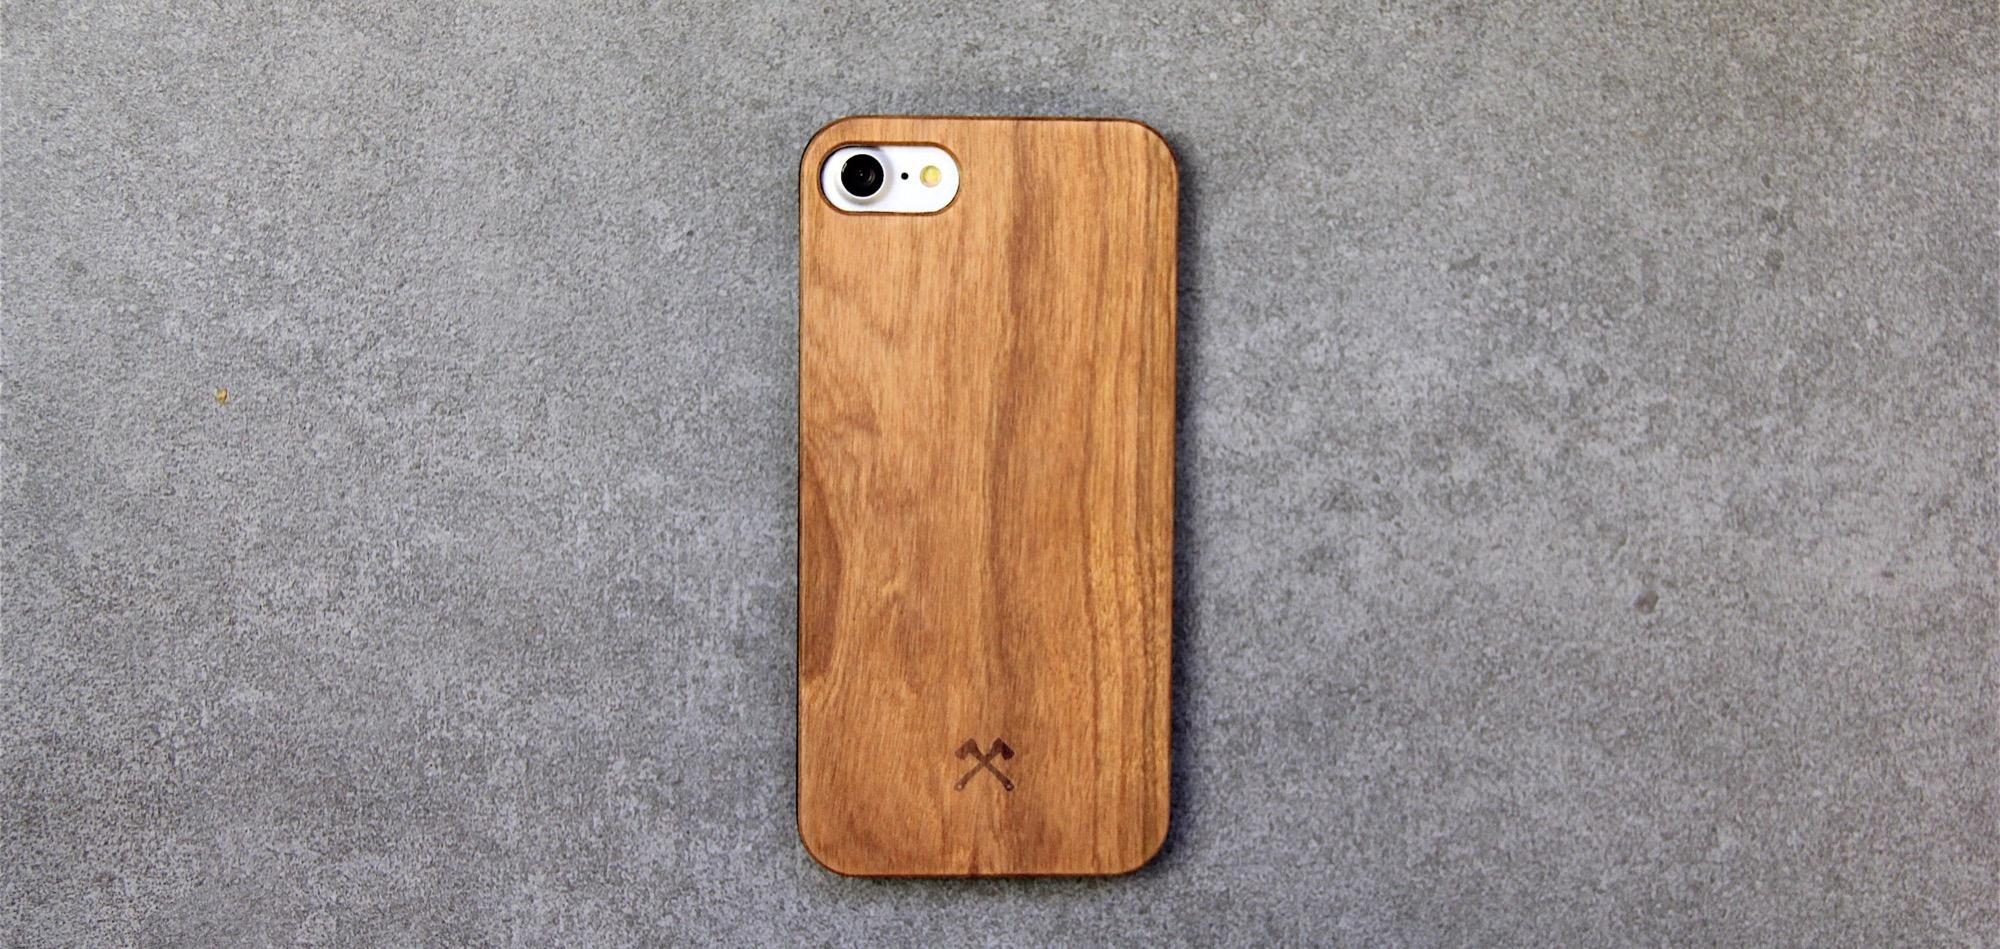 woodcessories-wooden-iphone-7-case-holzcase-holzhuelle-schutz-plus-wood-duenn-leicht-schutzhuelle-schutzfolie4